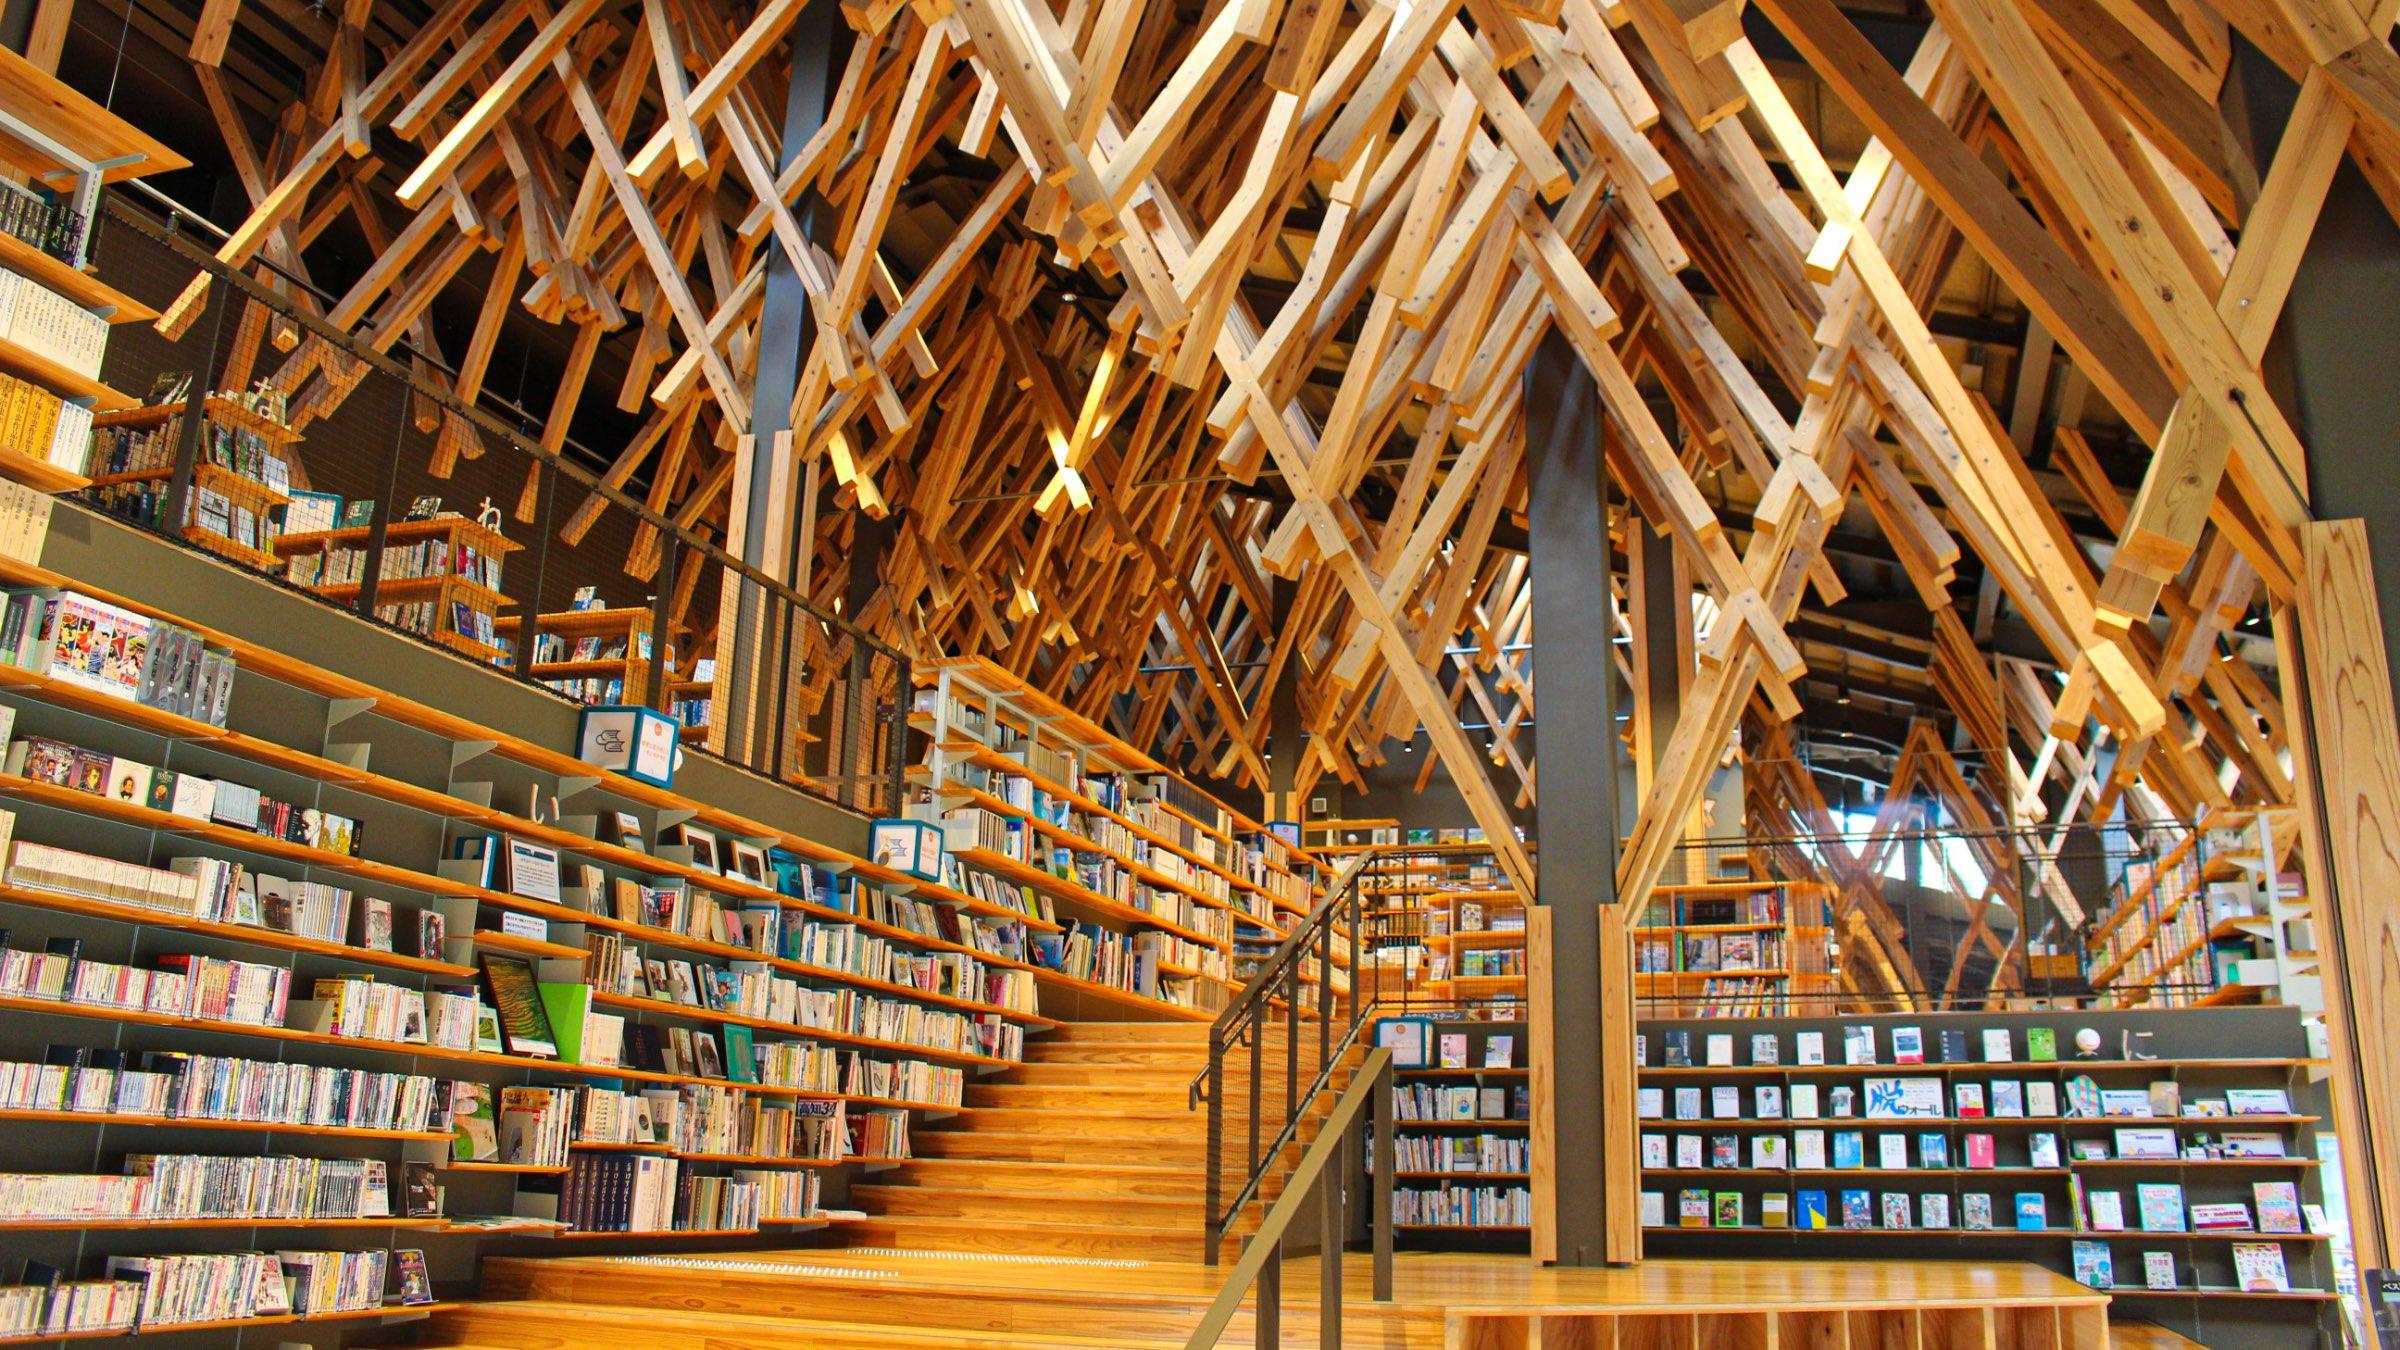 梼原産の木材を活かした学びと憩いの場「梼原町立図書館(雲の上の図書館)」